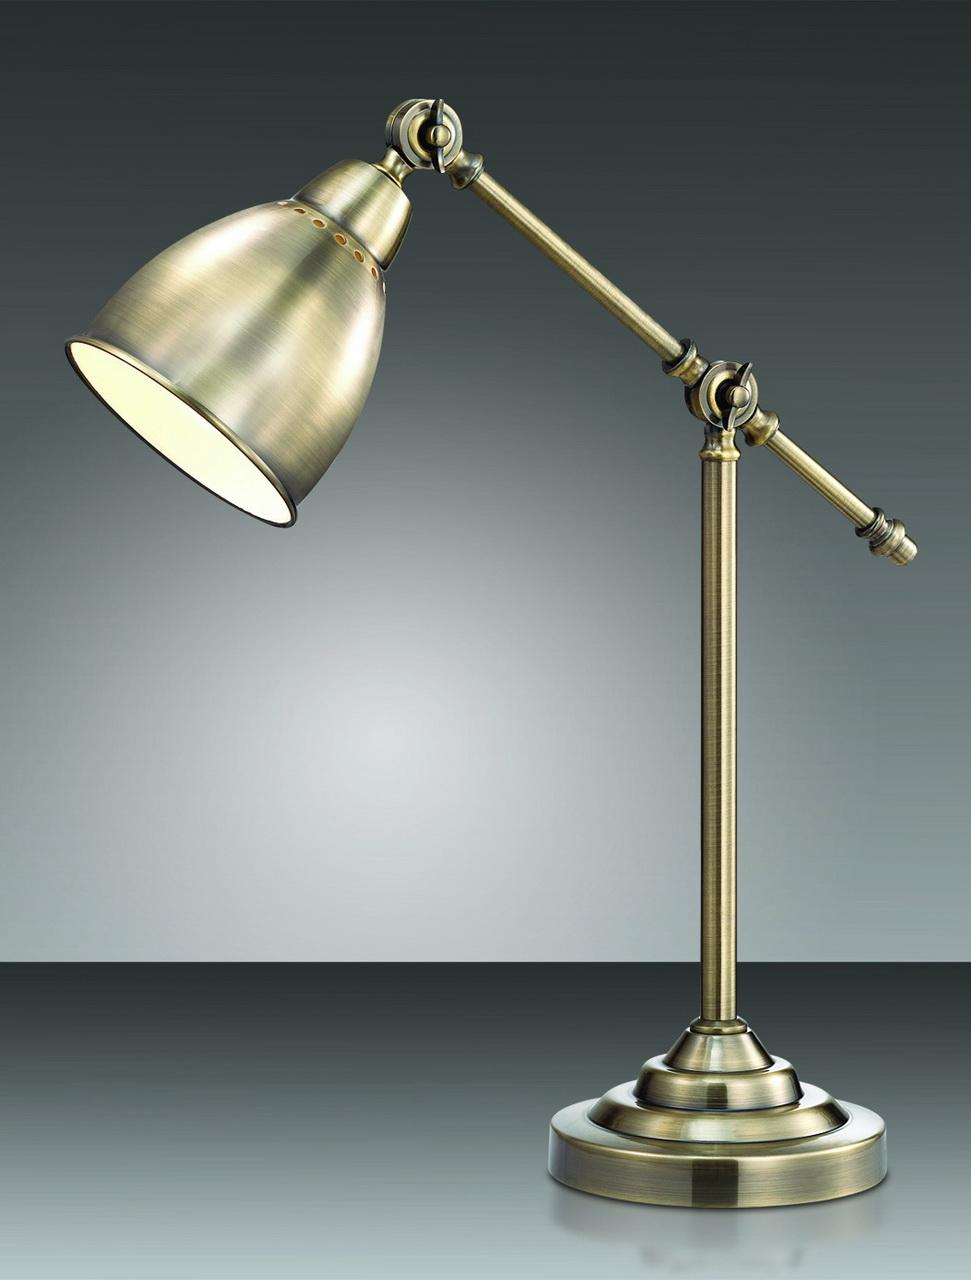 цена на Настольная лампа Odeon Light Cruz 2412/1T